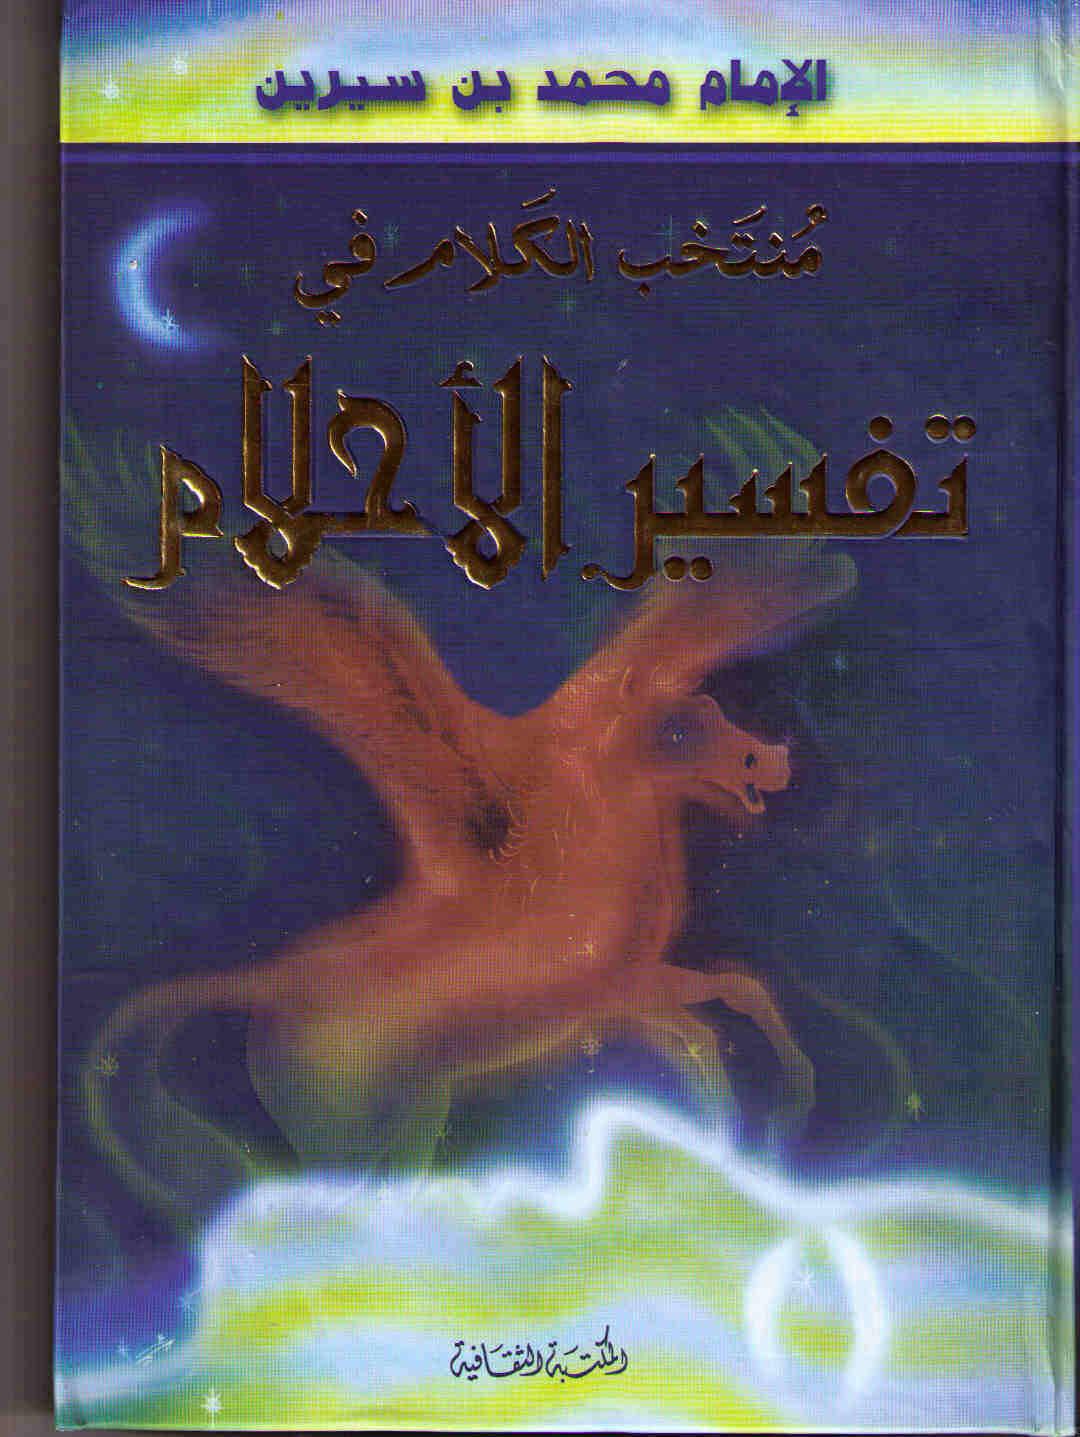 http://www.basseera-shop.de/product_info.php?info=p249_tafsir-al-ahlam